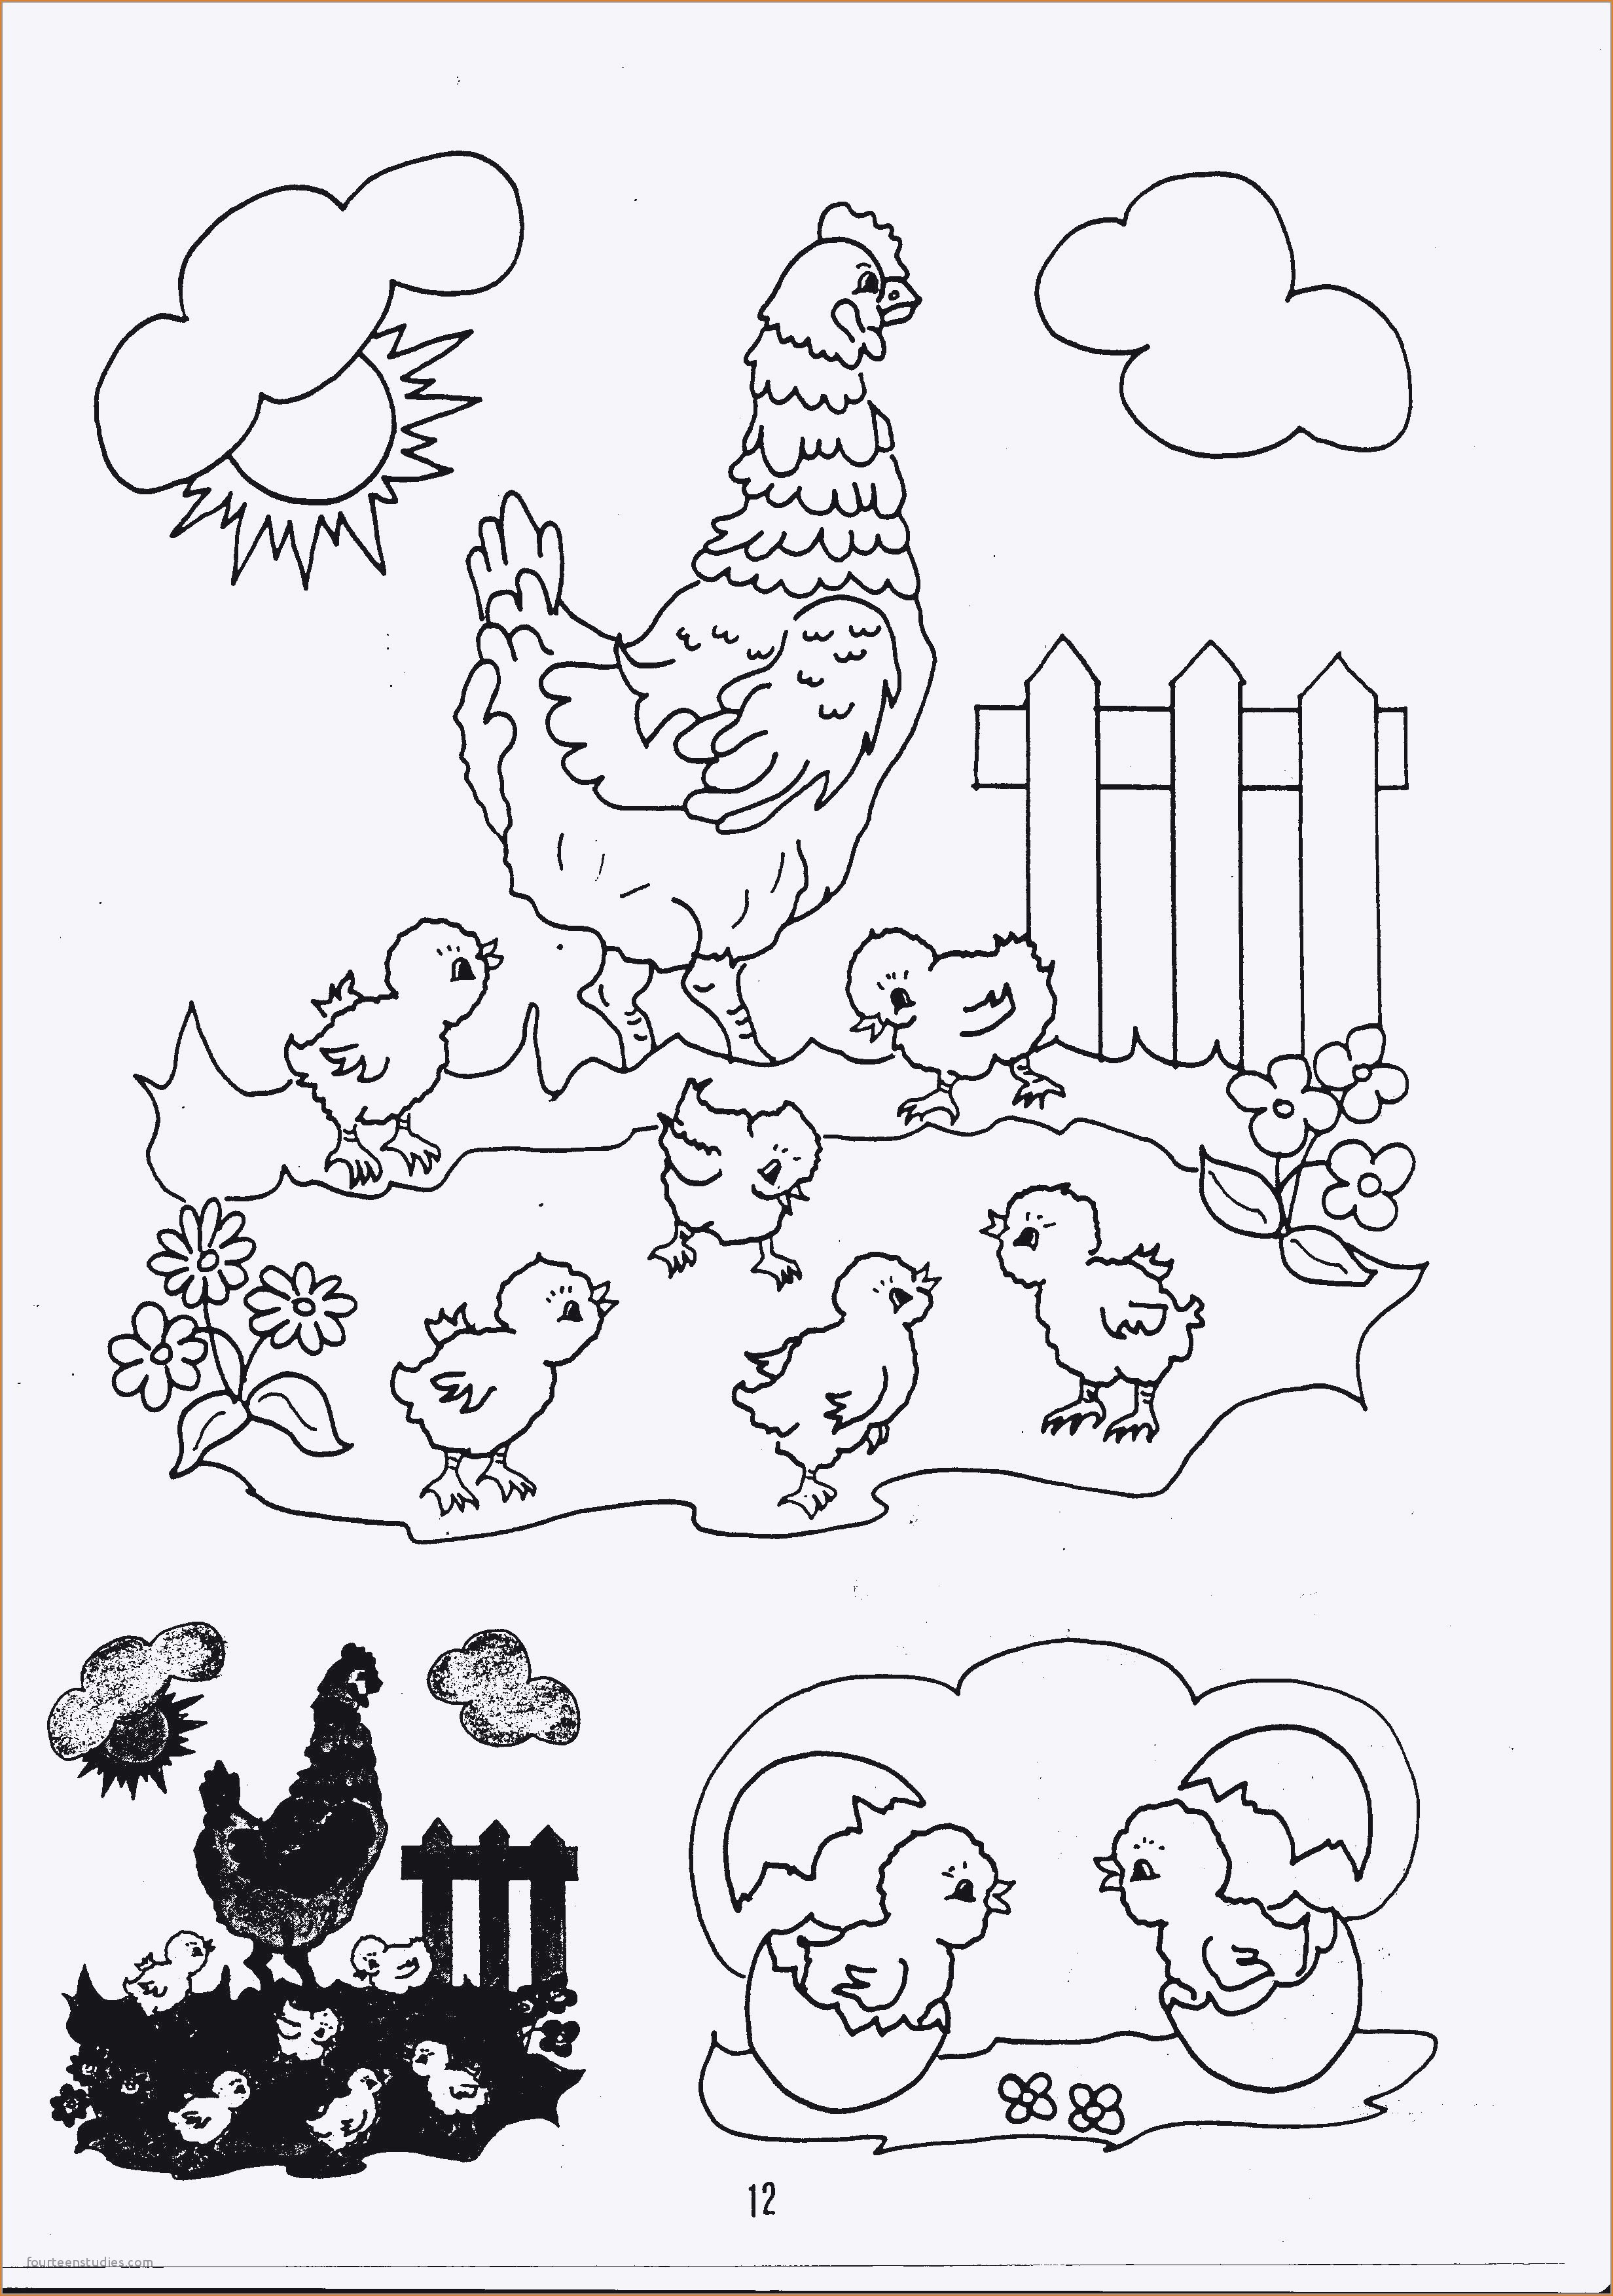 Jakob Und Esau Ausmalbilder Frisch Ausmalbilder Zu Ostern Best Jakob Und Esau Ausmalbilder Neu Bild